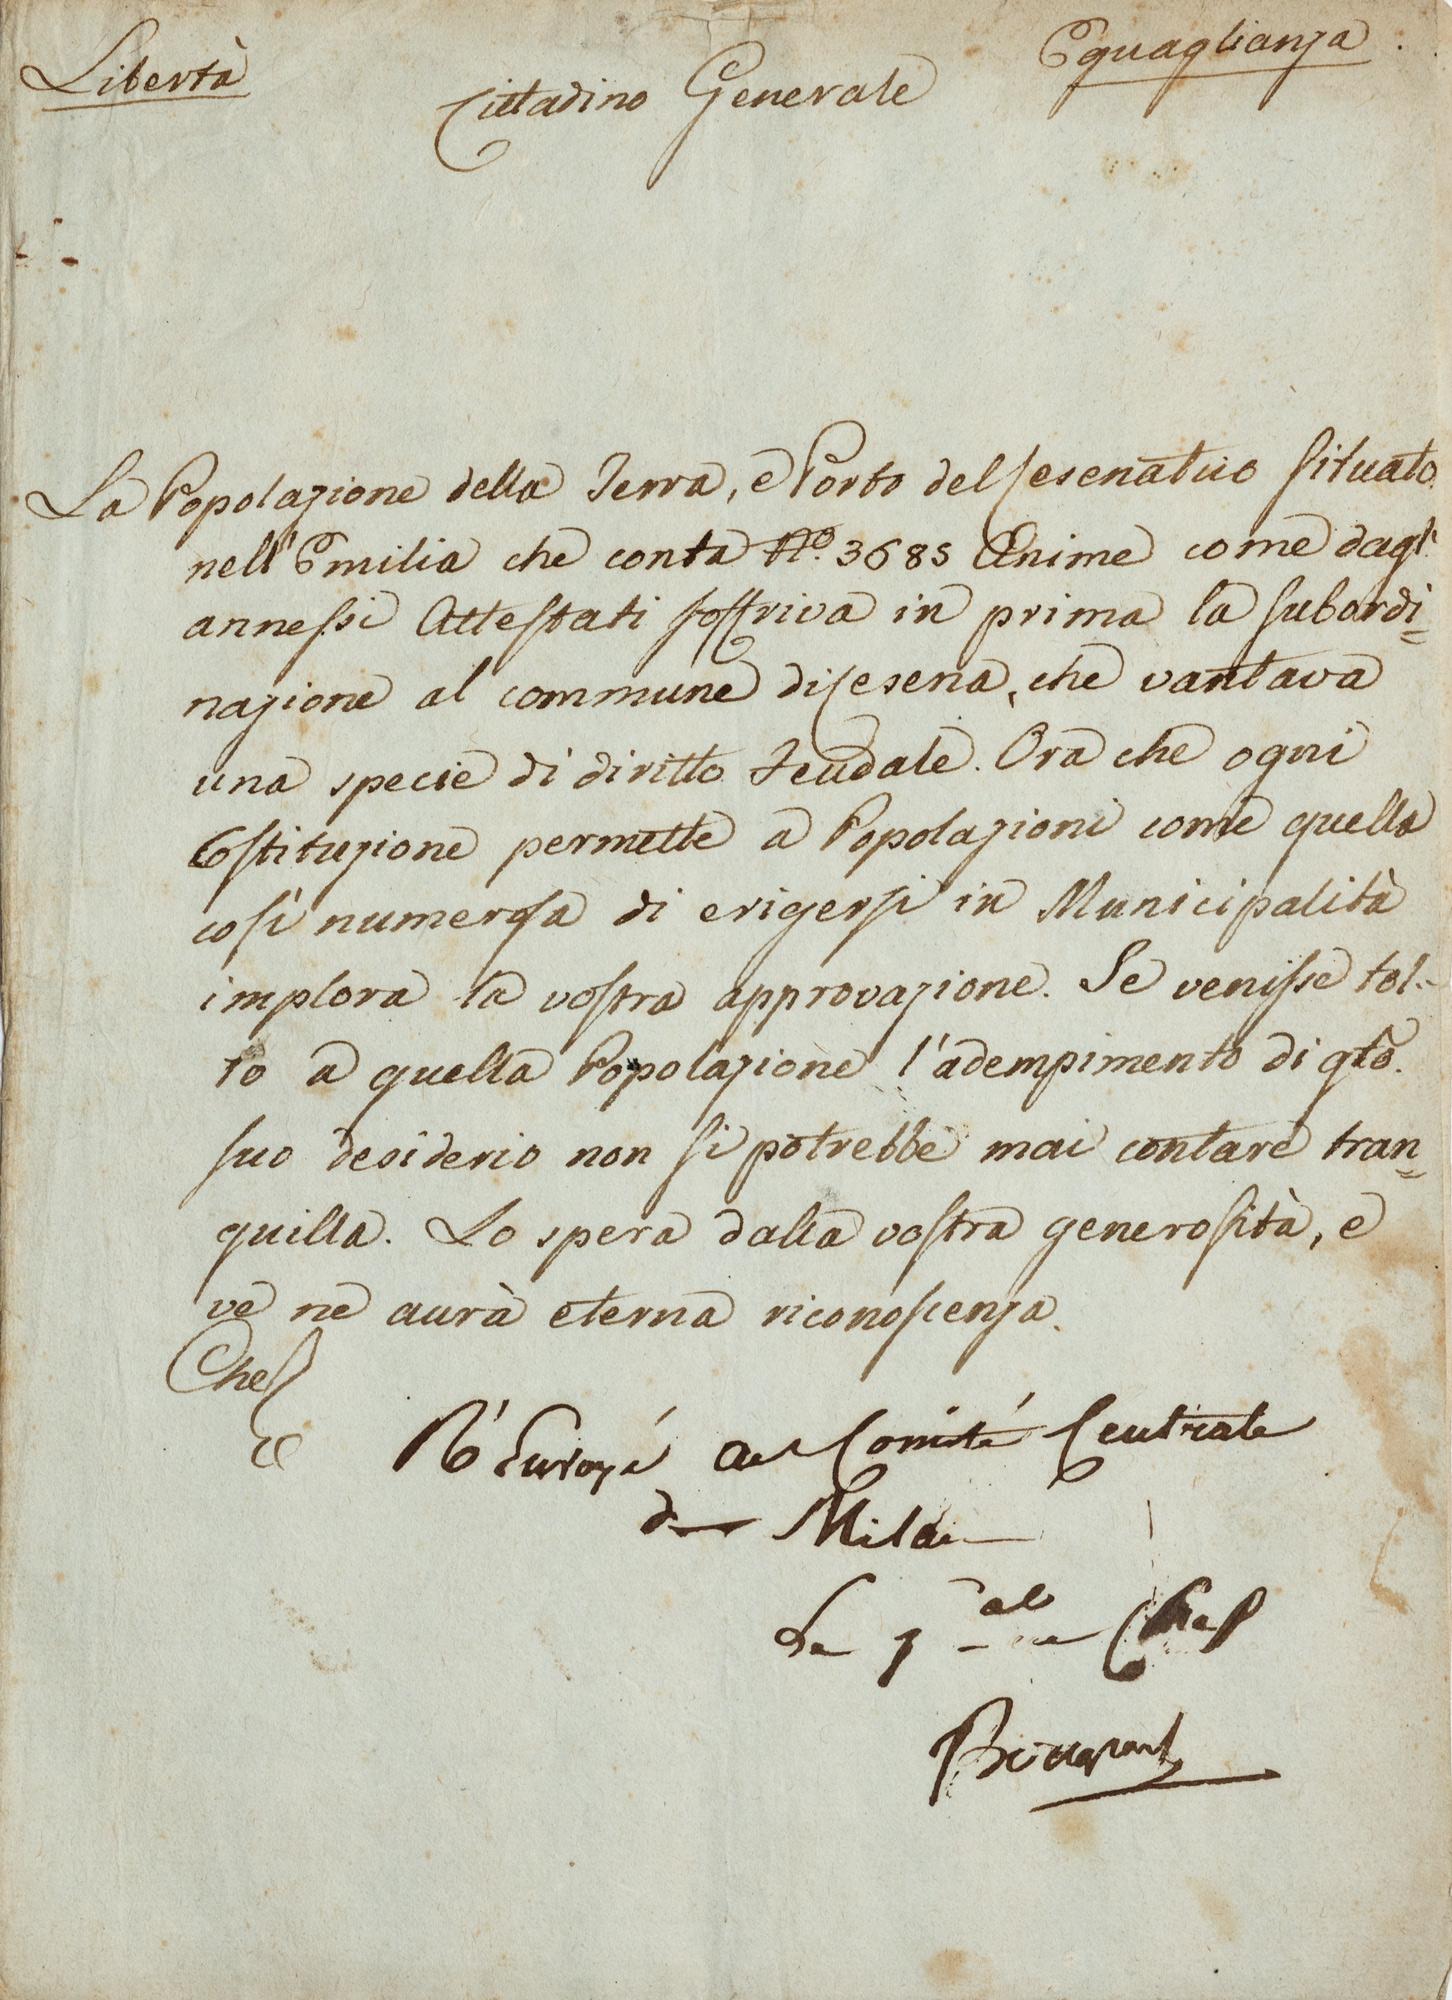 Lettera con sottoscrizione autografa